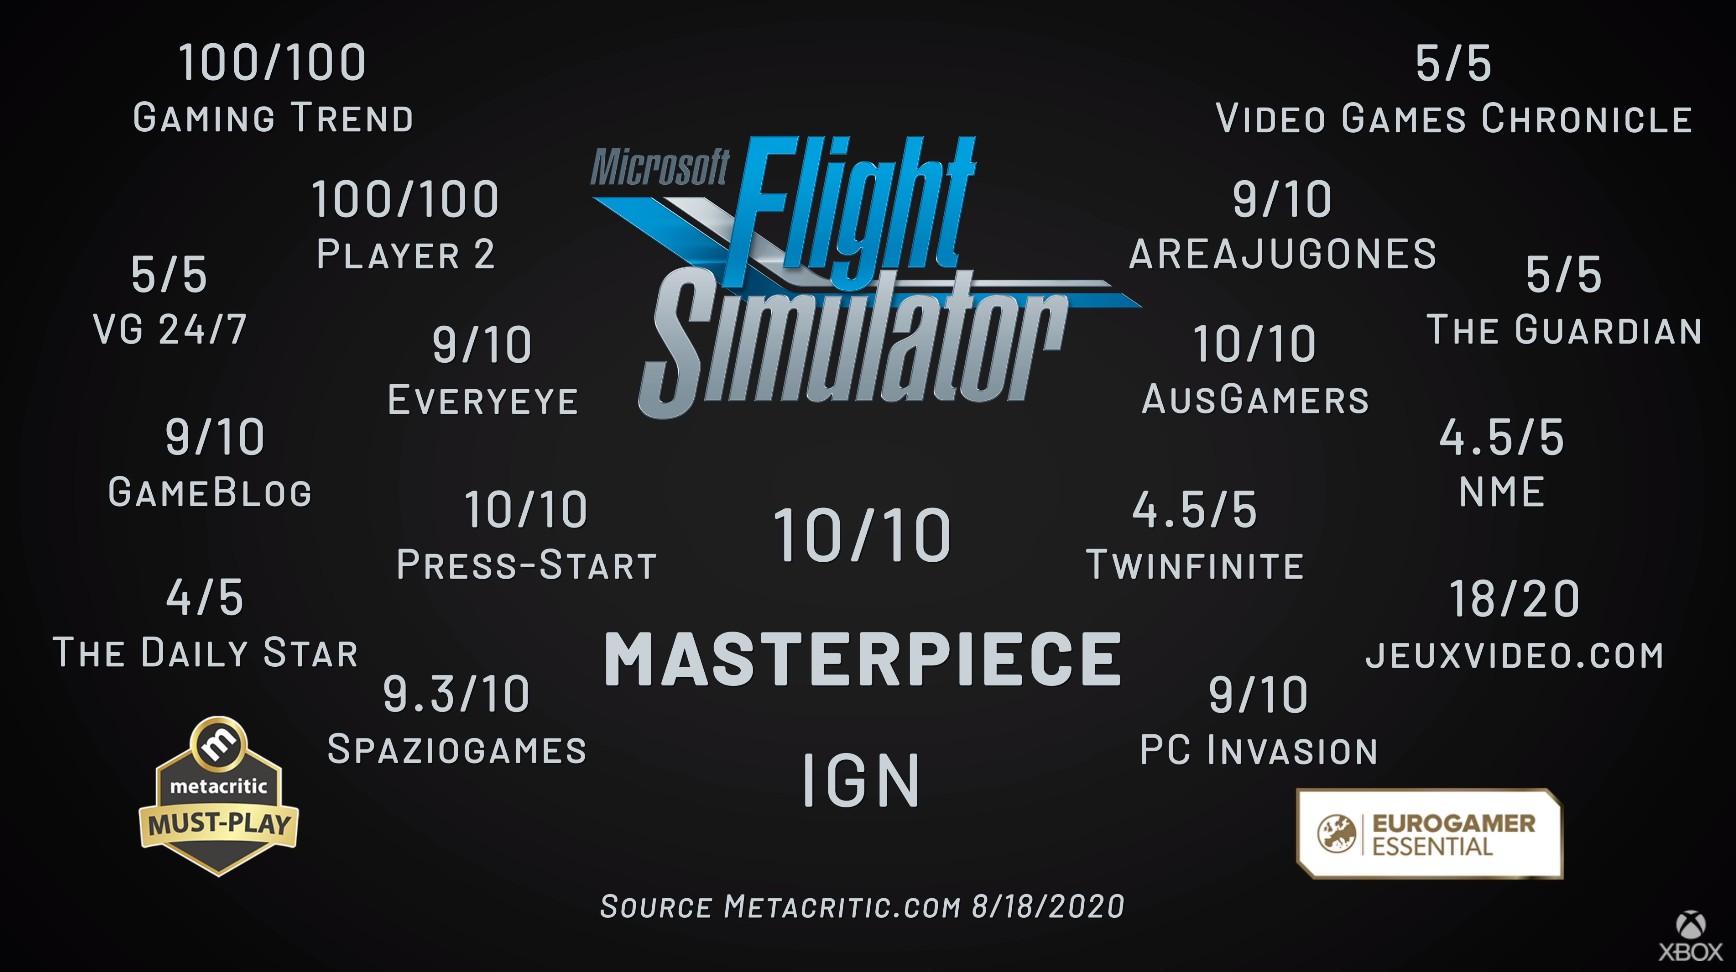 微软飞行模拟游戏1